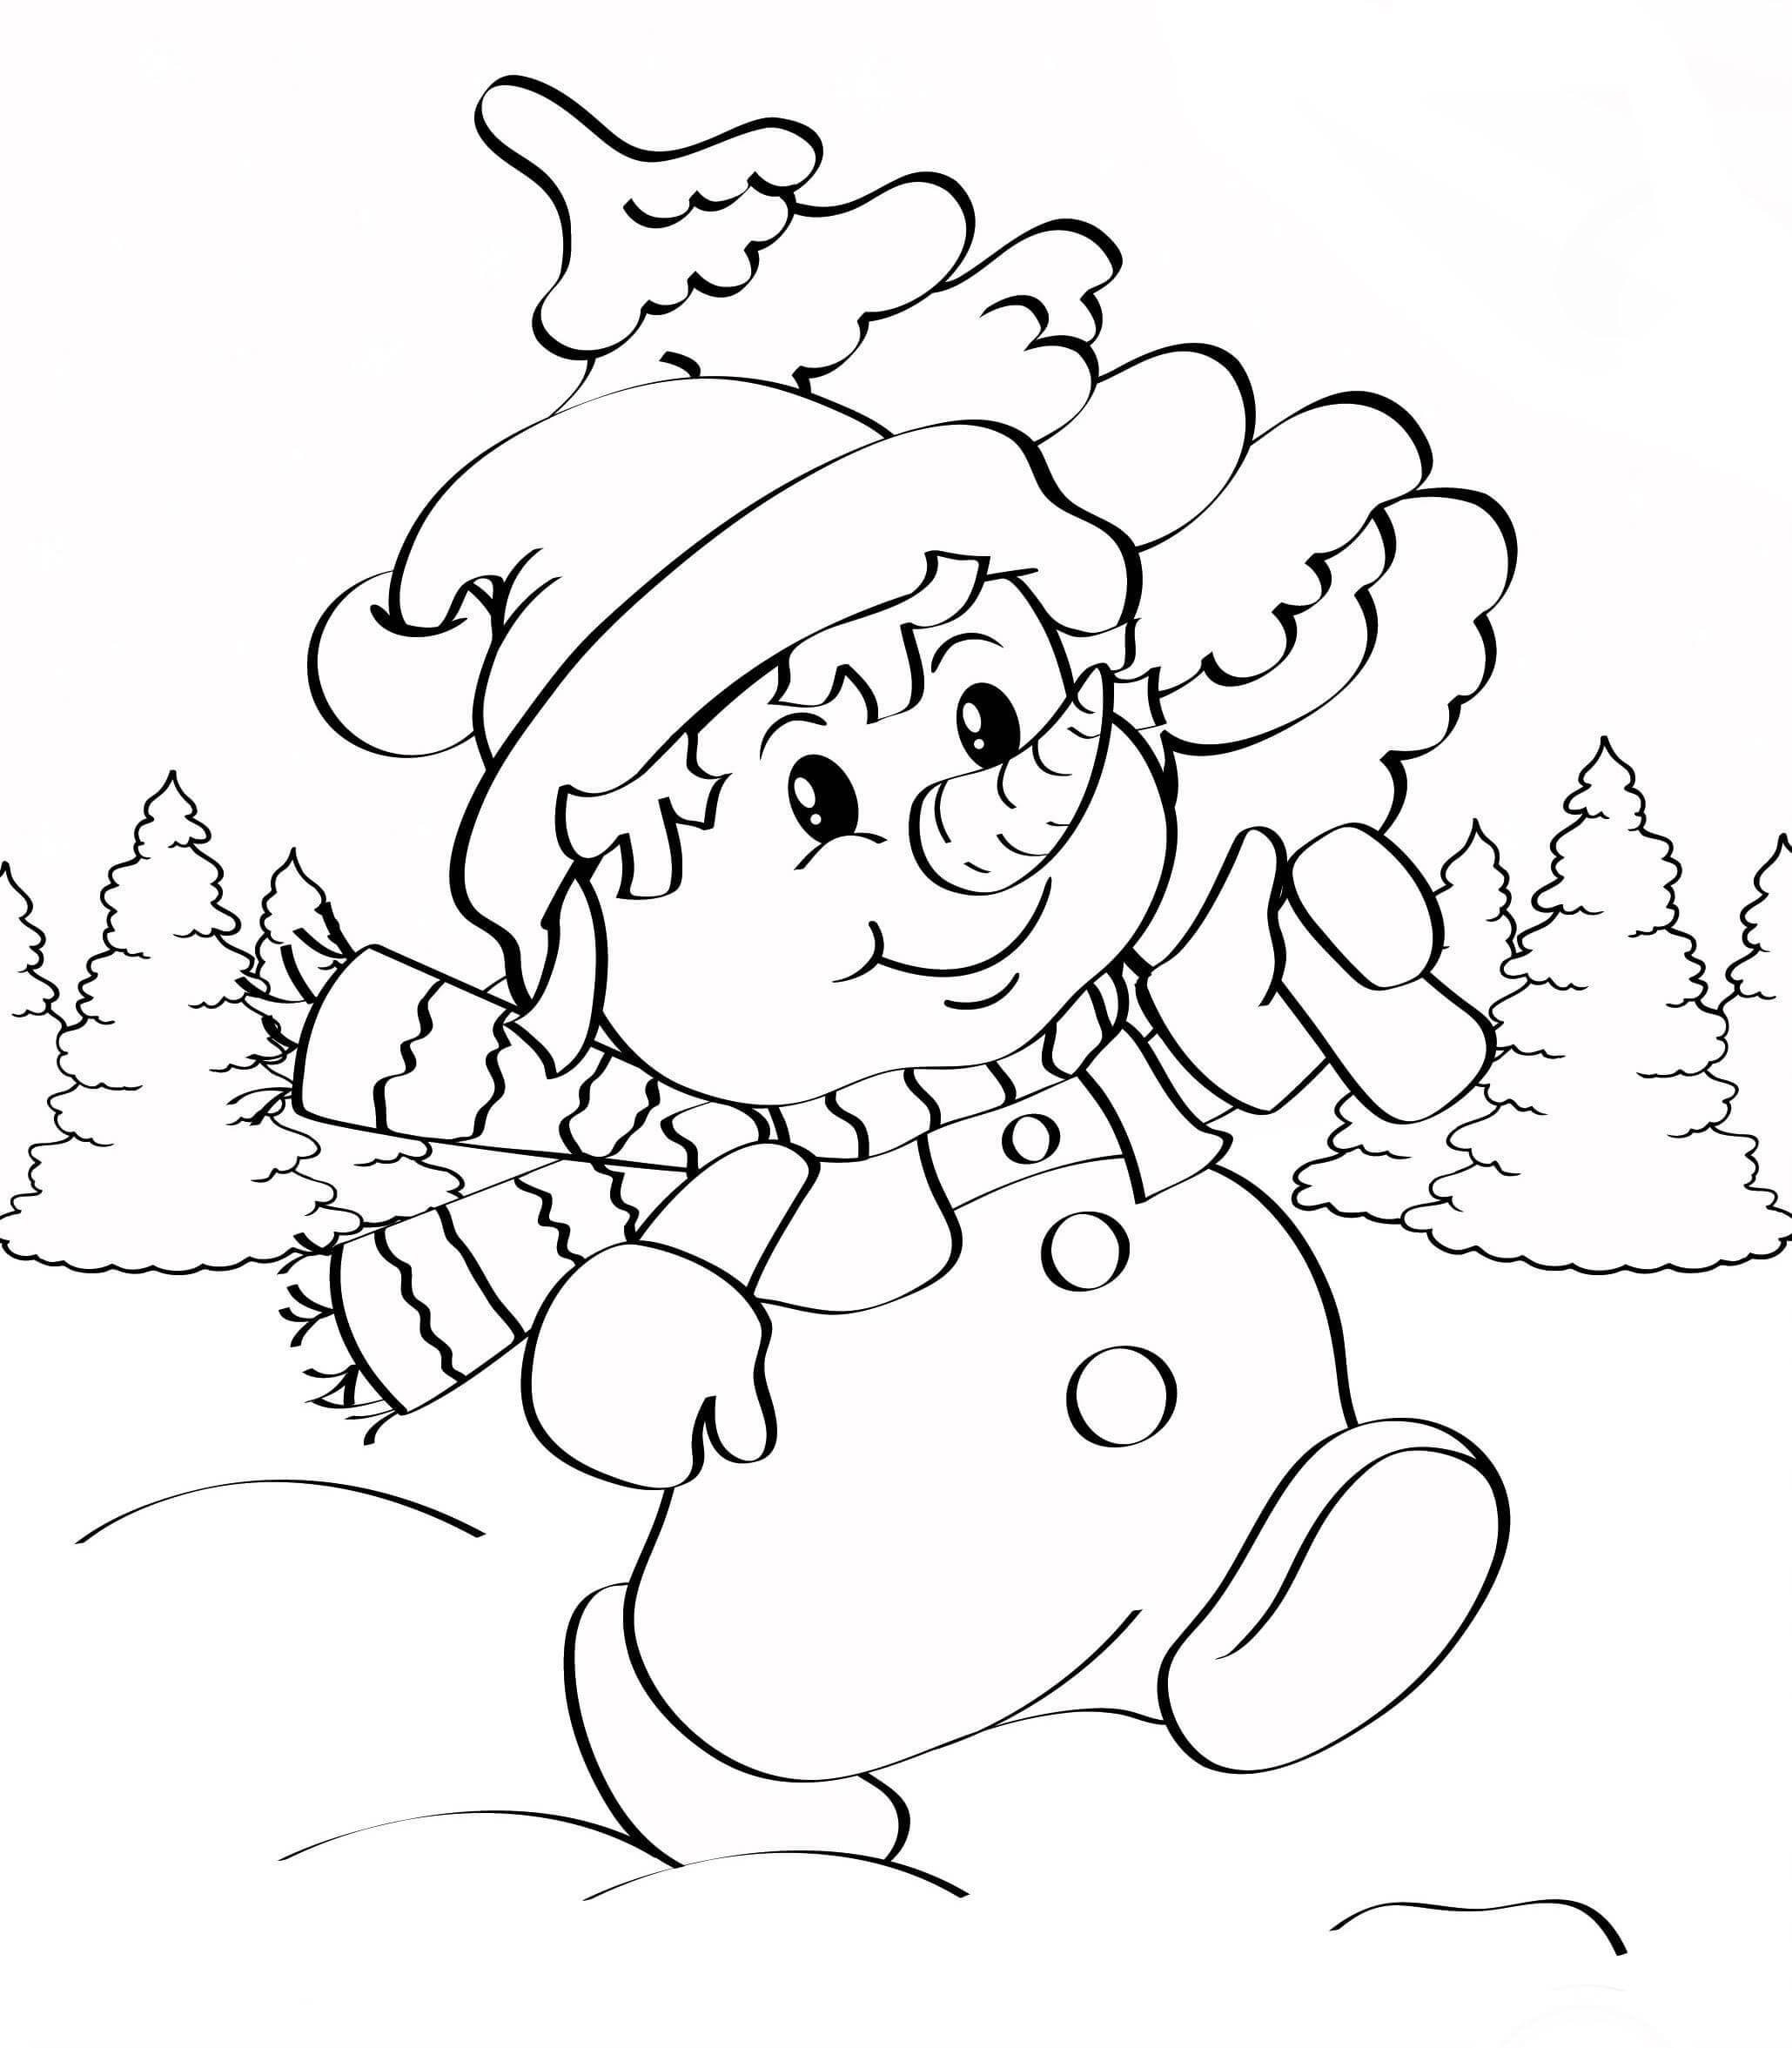 Лучшие картинки рисунки снеговиков для срисовки - коллекция 14